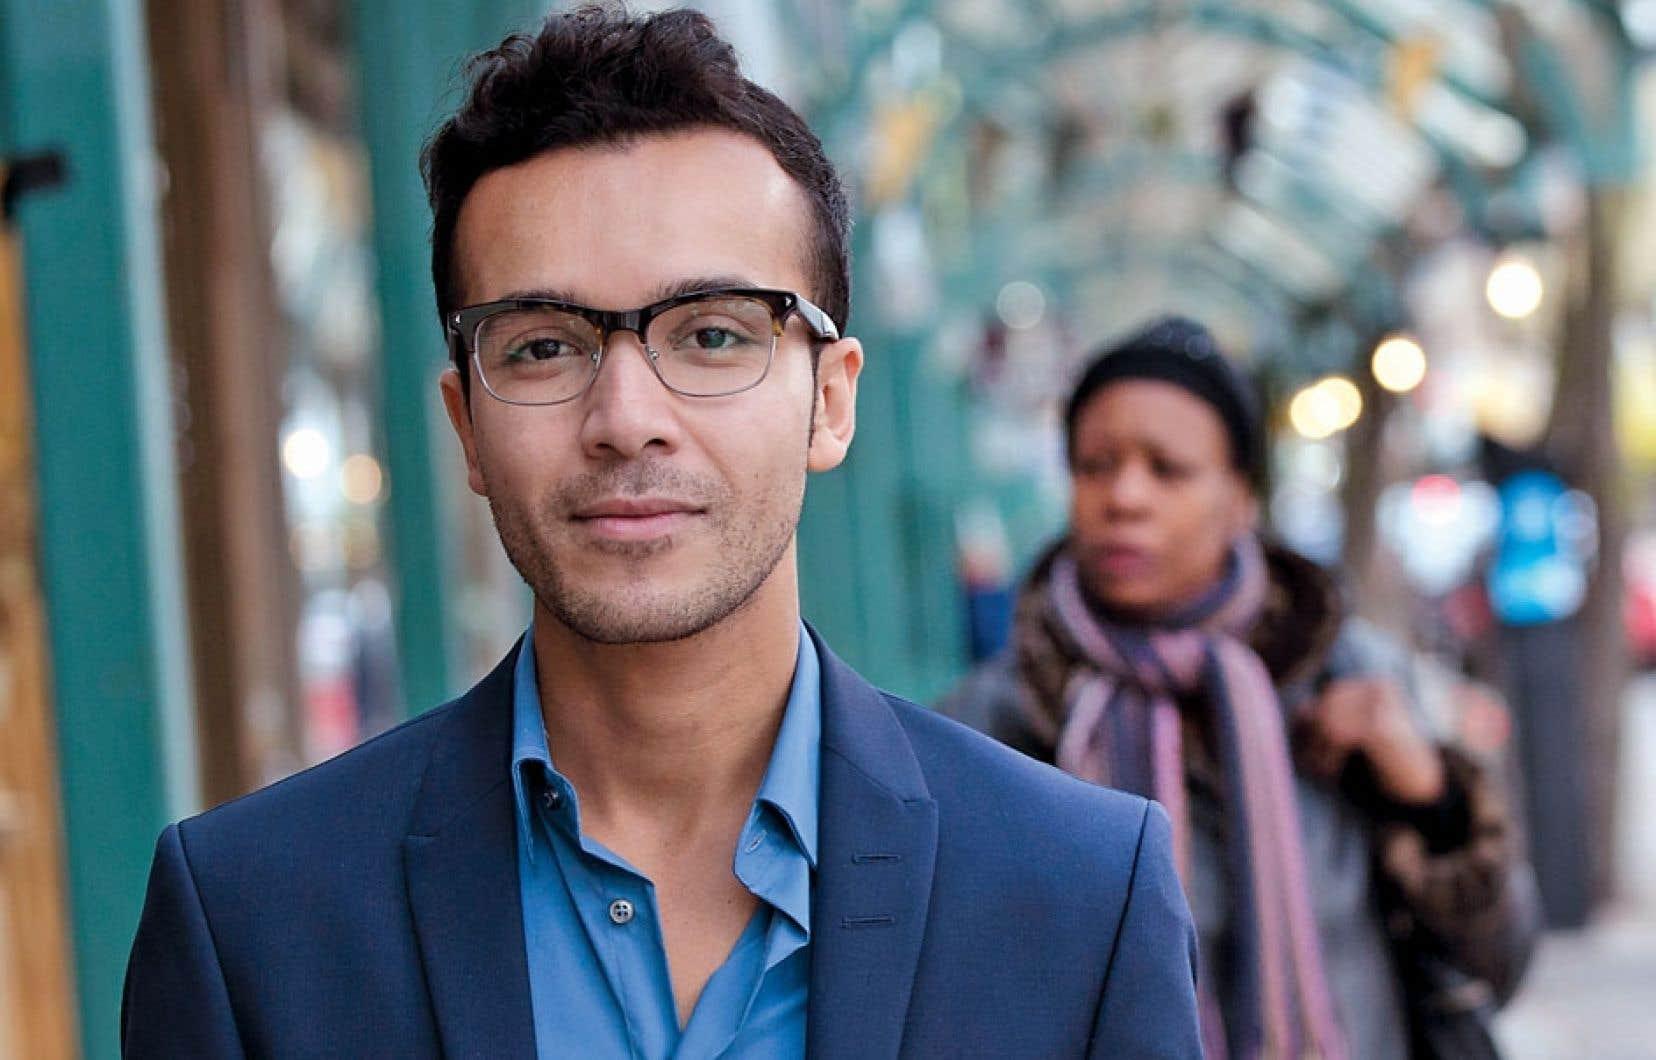 Gabriel Bran Lopez, fondateur de Fusion Jeunesse, une entreprise sociale de 130 employés qui lutte contre le décrochage en aidant des écoliers à lancer des projets dans plusieurs domaines.